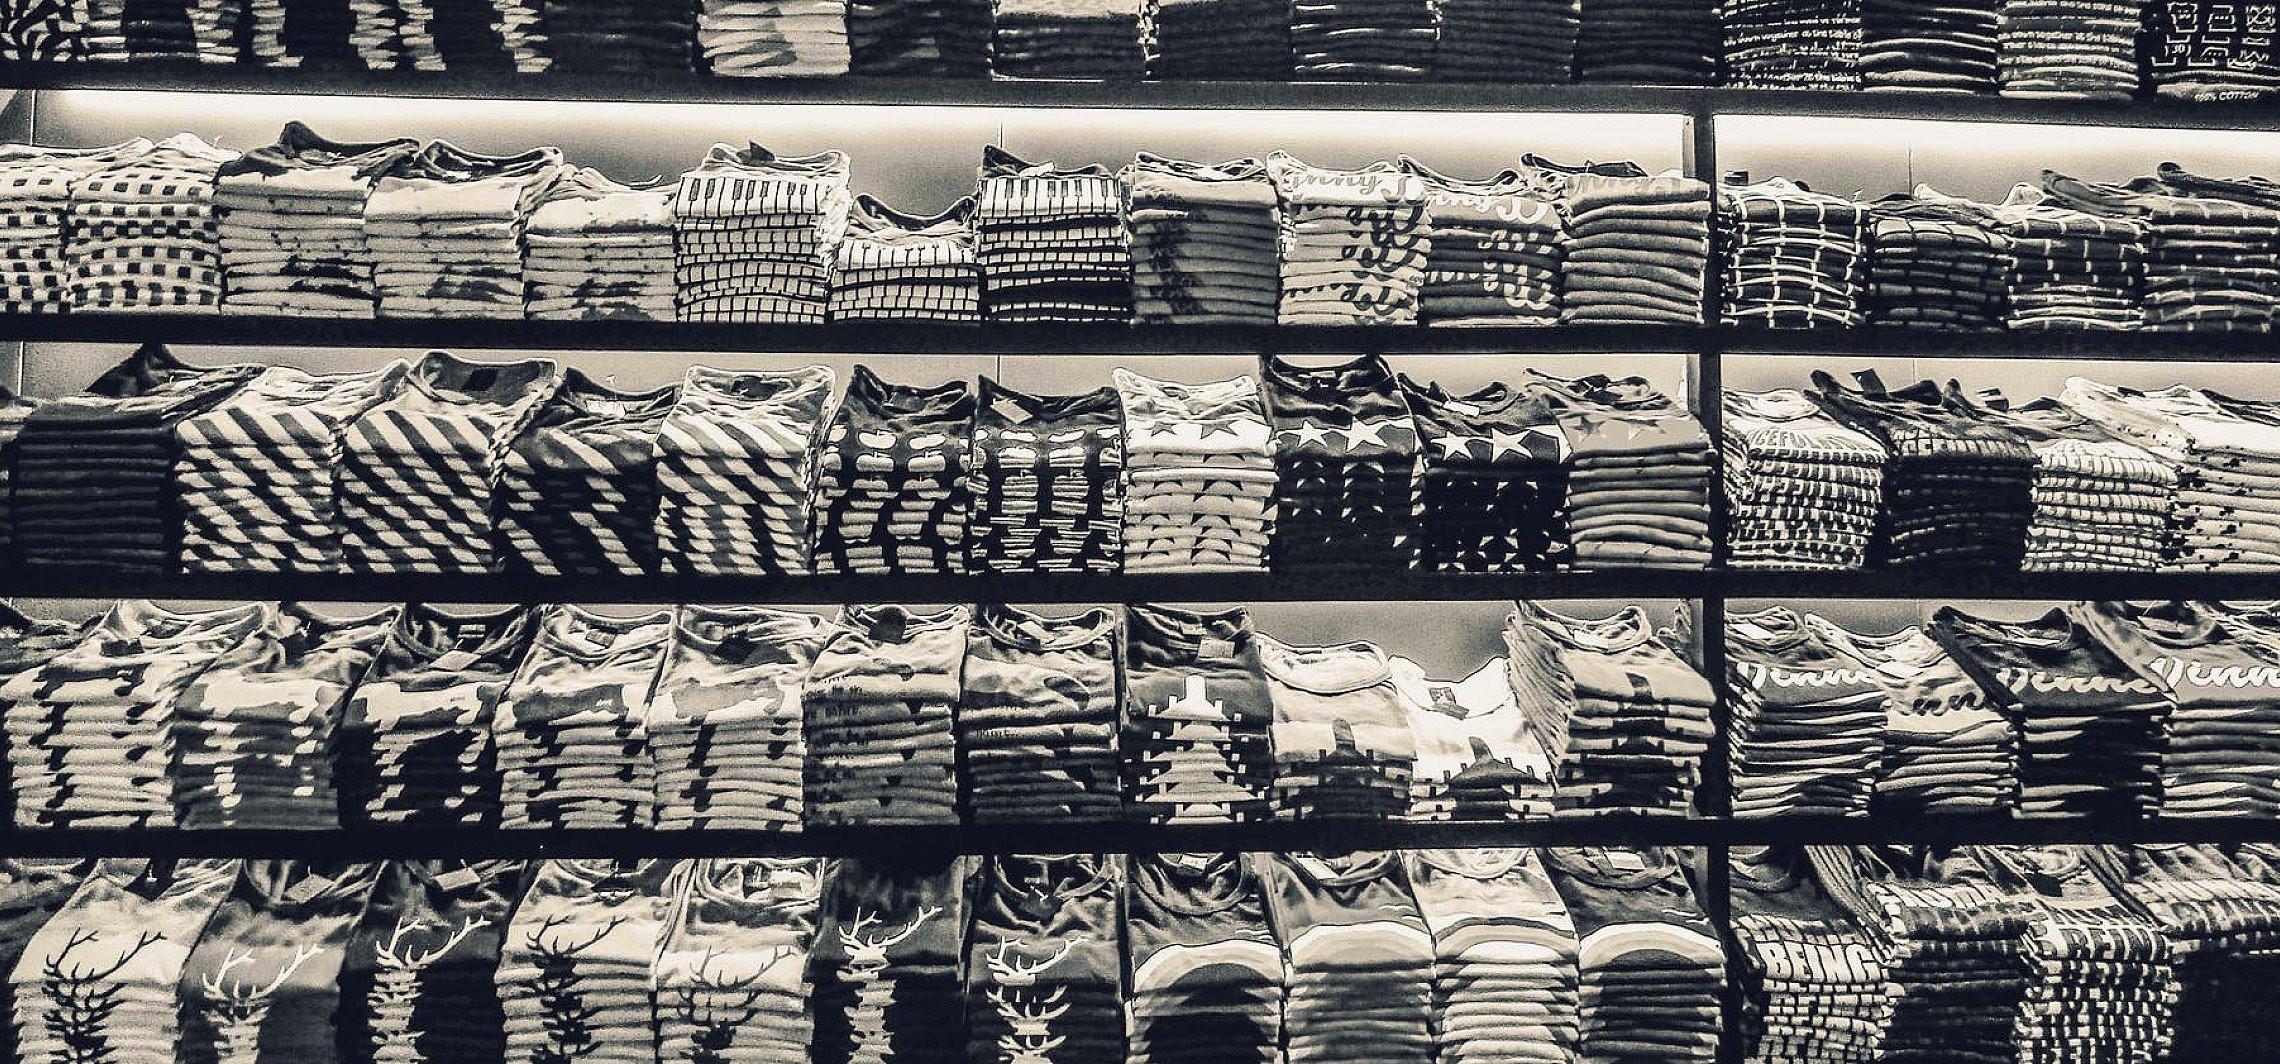 Region - Zdobienie odzieży? Do dyspozycji masz przynajmniej 3 sposoby na stworzenie unikatowej kolekcji